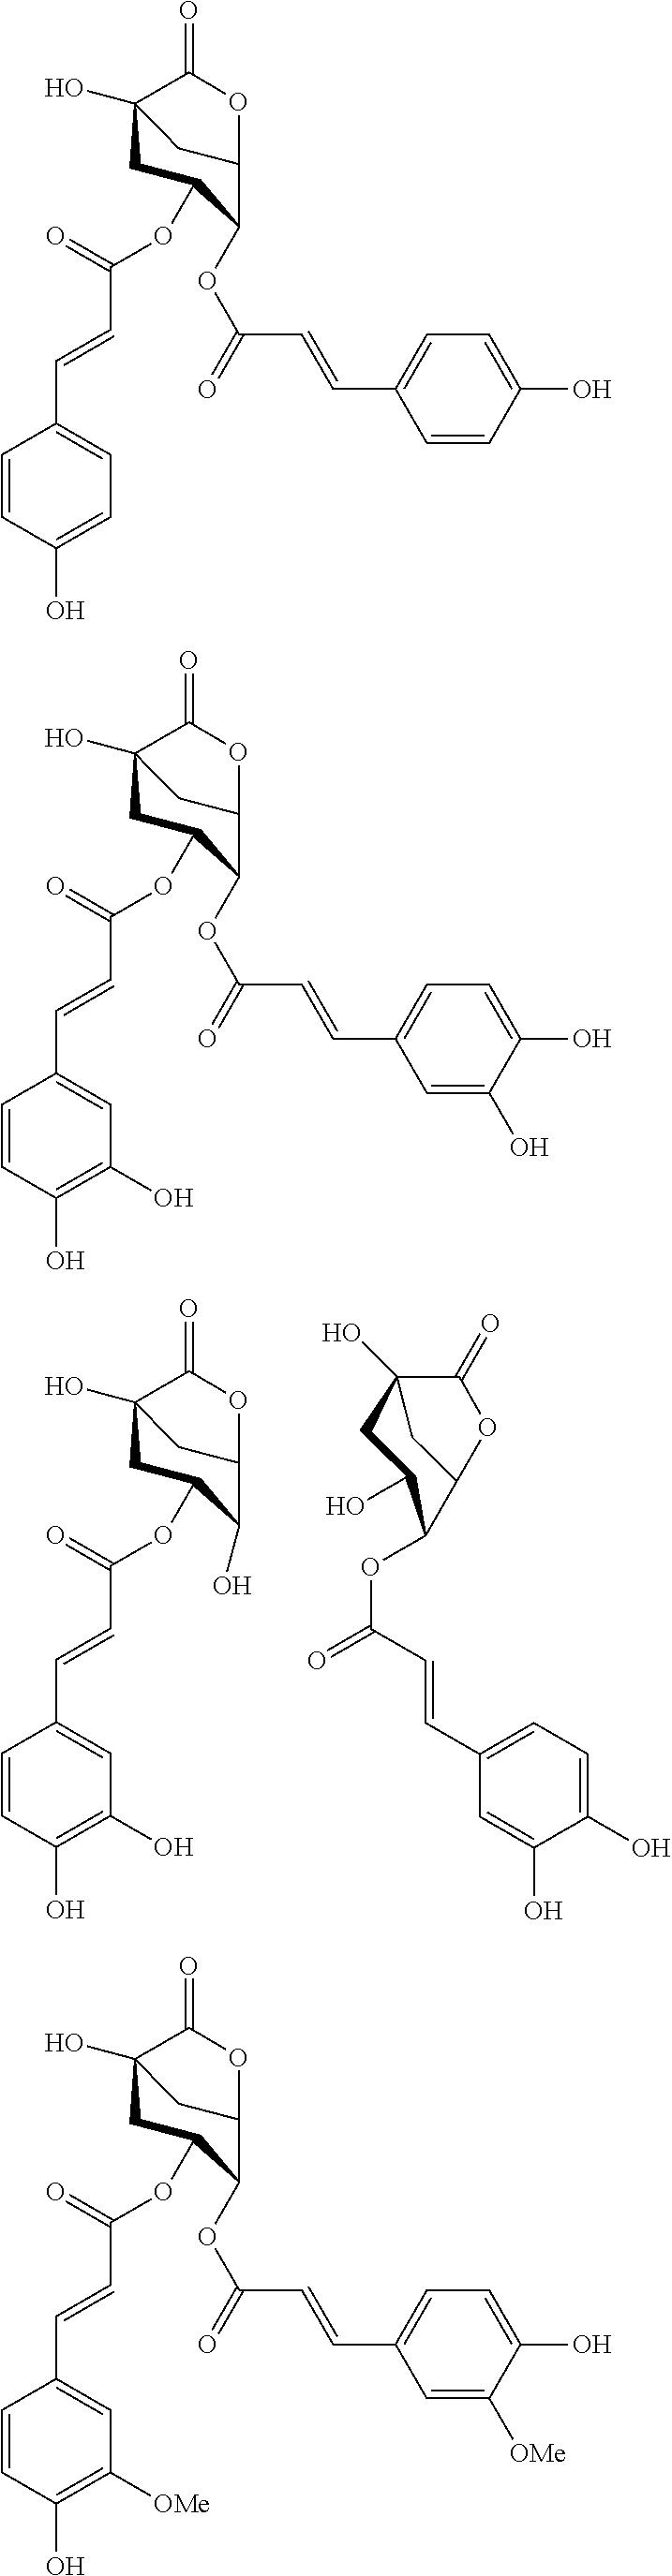 Figure US09962344-20180508-C00017